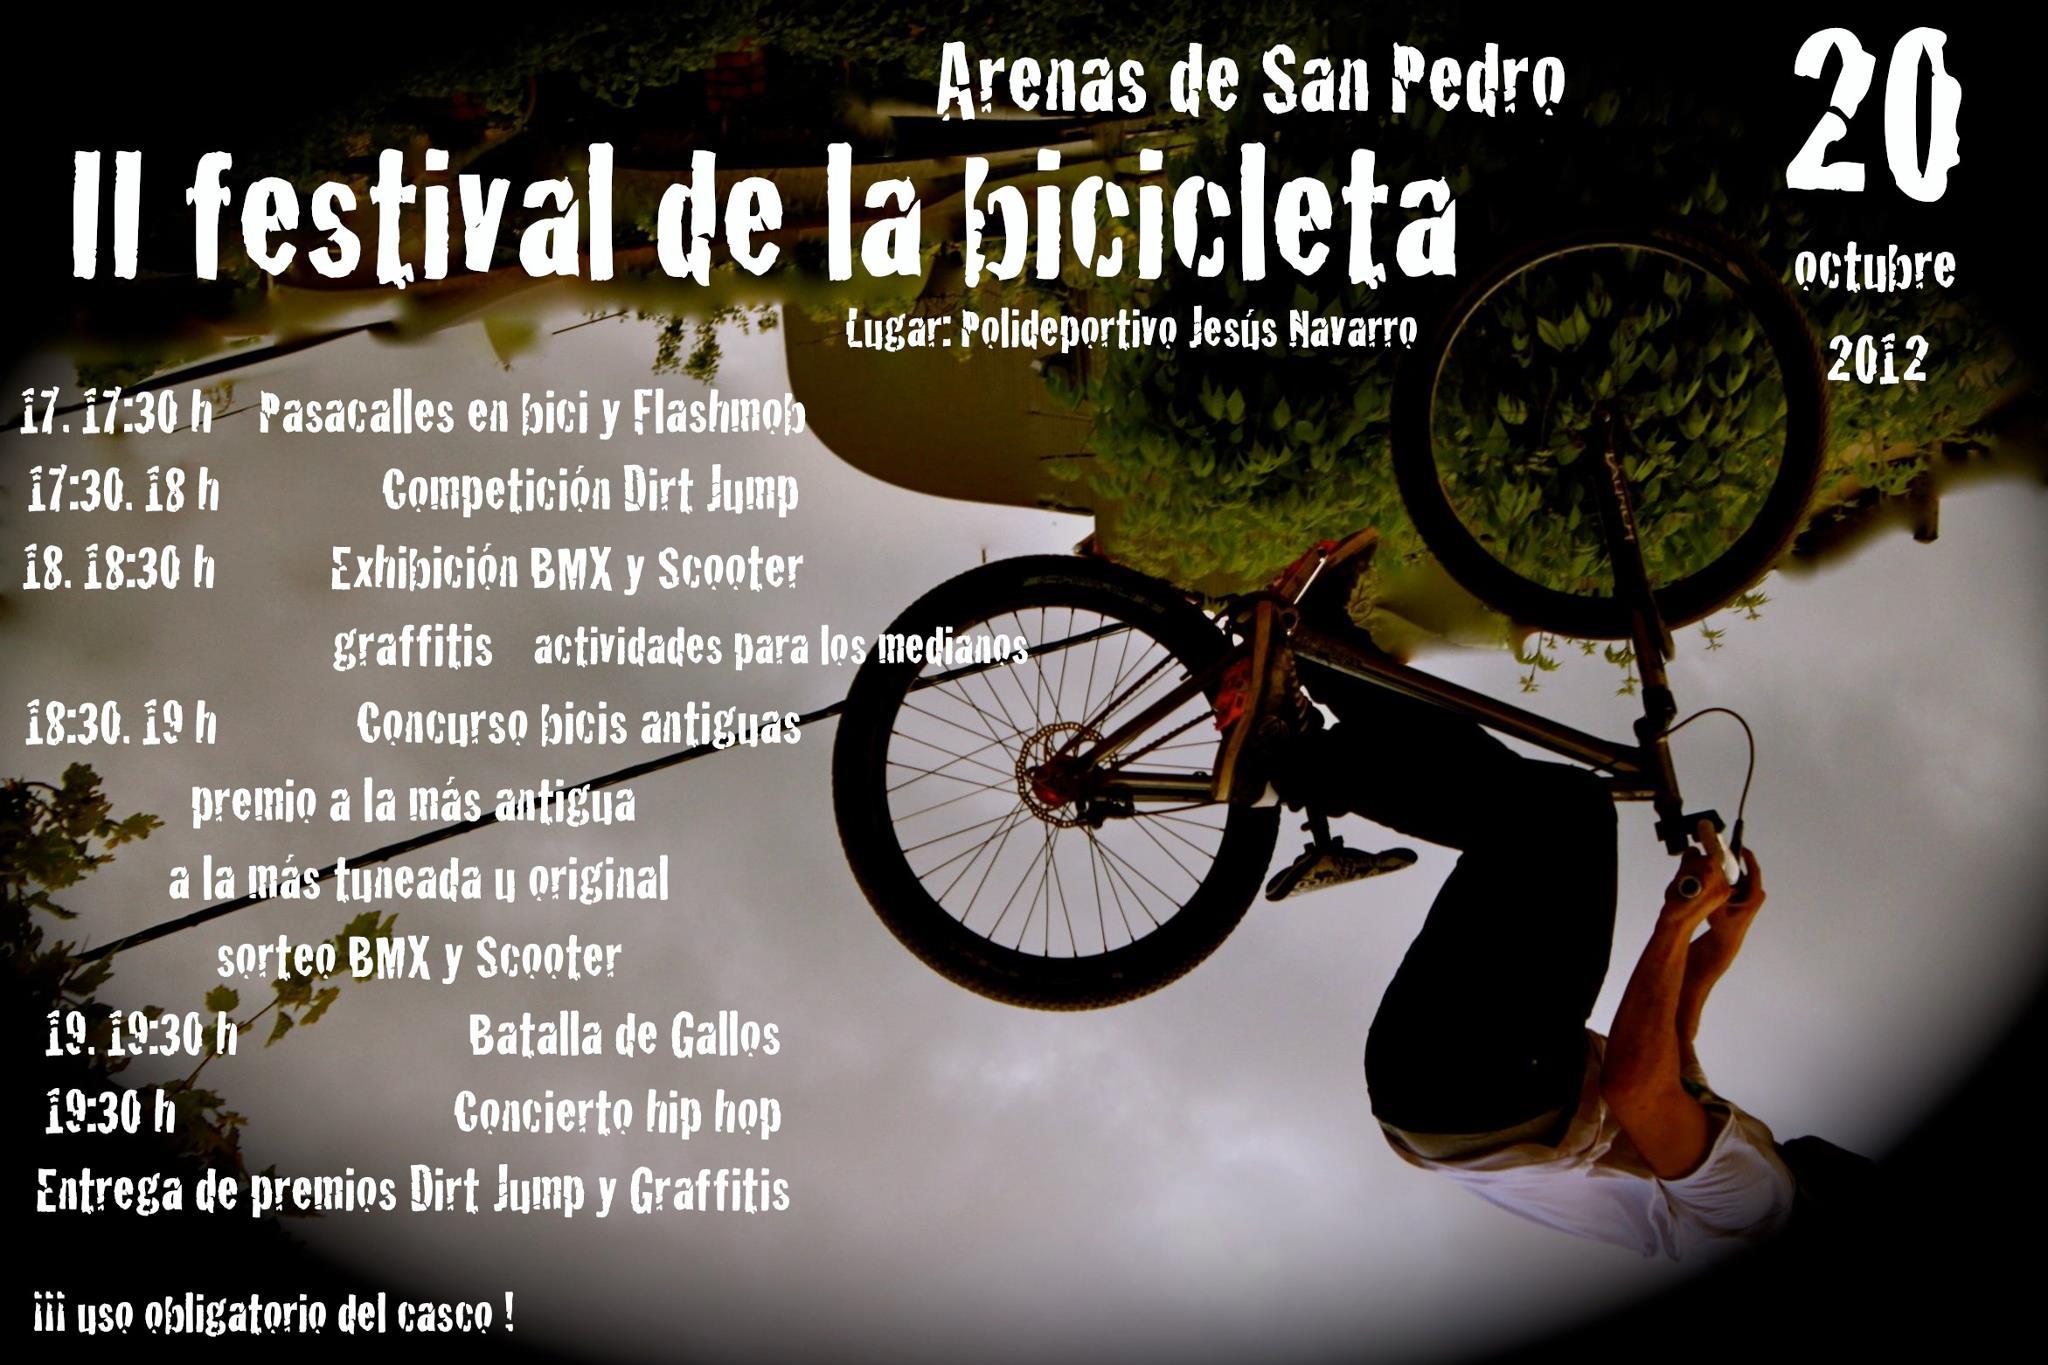 II Festival de la Bicicleta de Arenas de San Pedro 2012